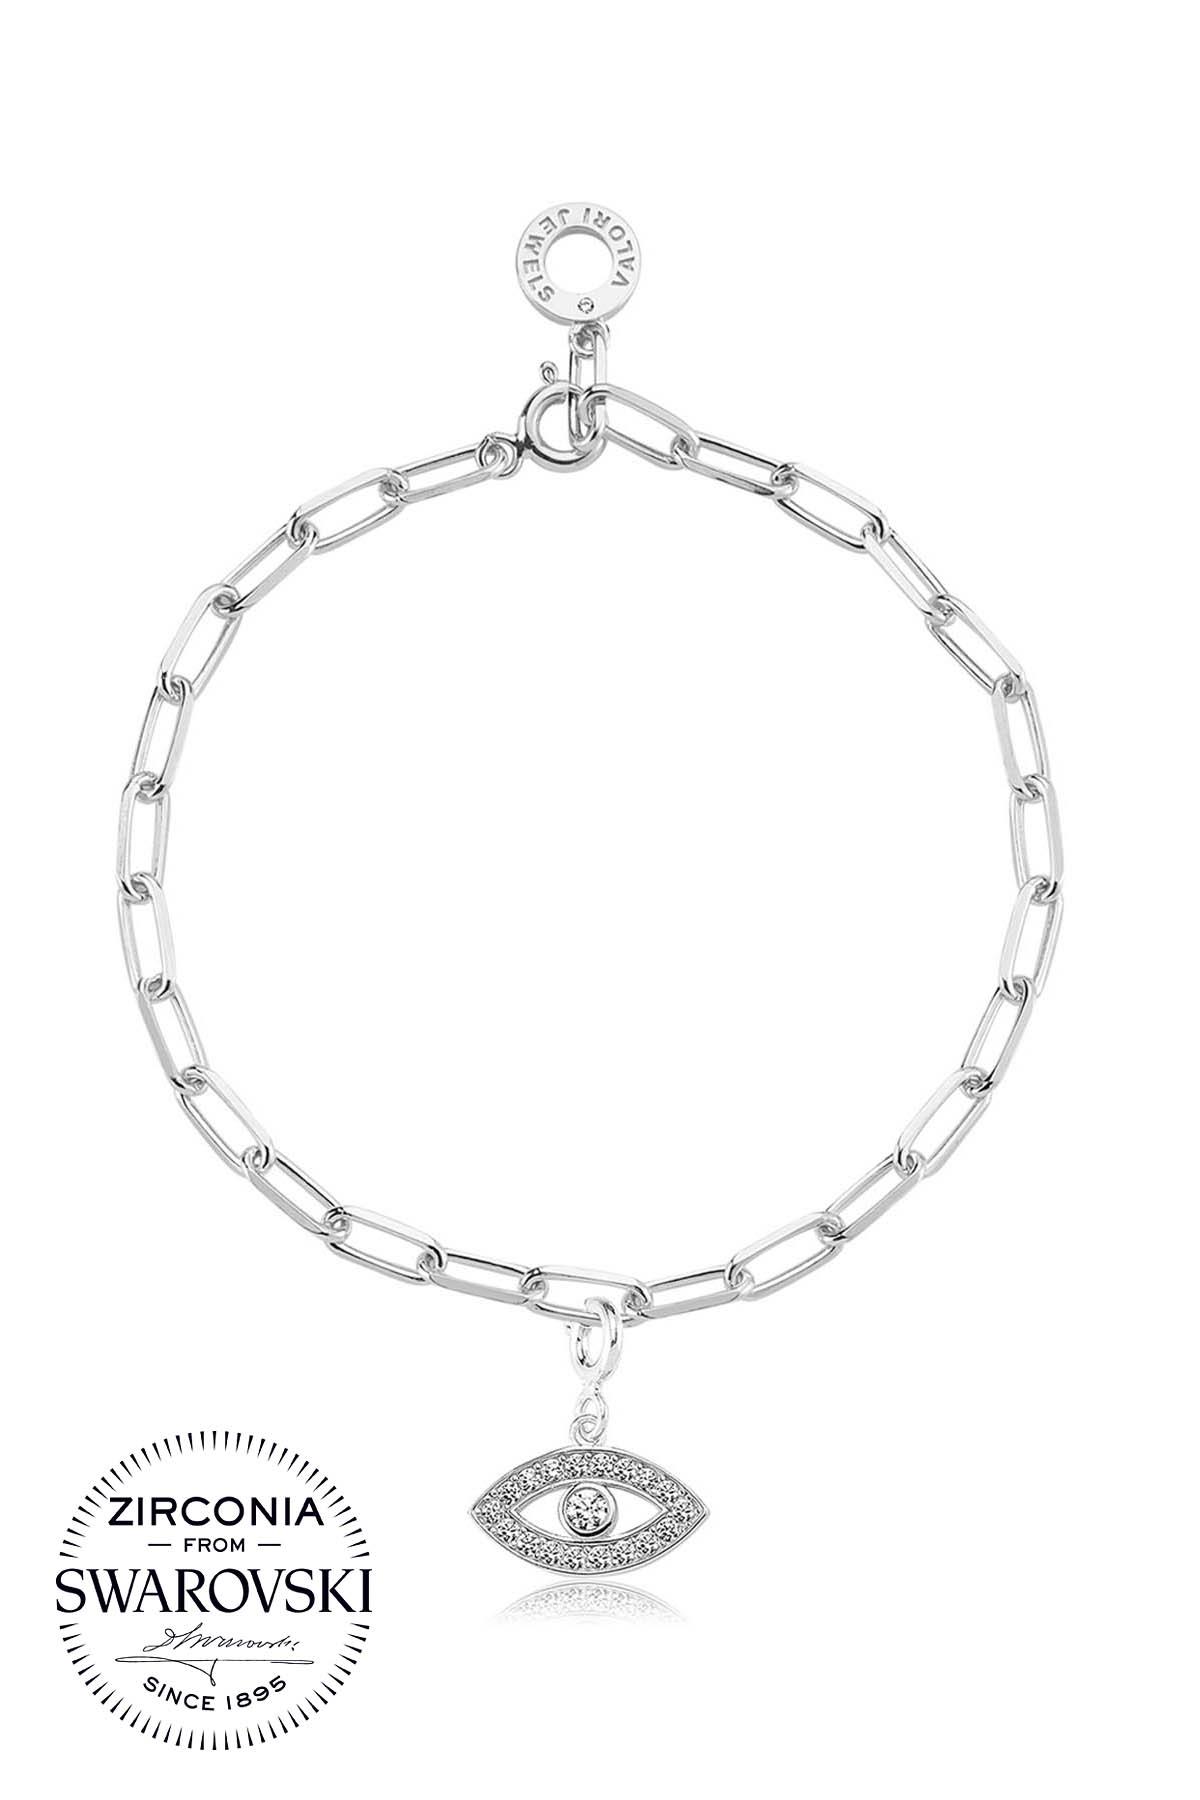 Evil Eye, Swarovski Zirconia Gemstone, Rhodium Plated, Sterling Silver  Charm Bracelet - STCHBL015